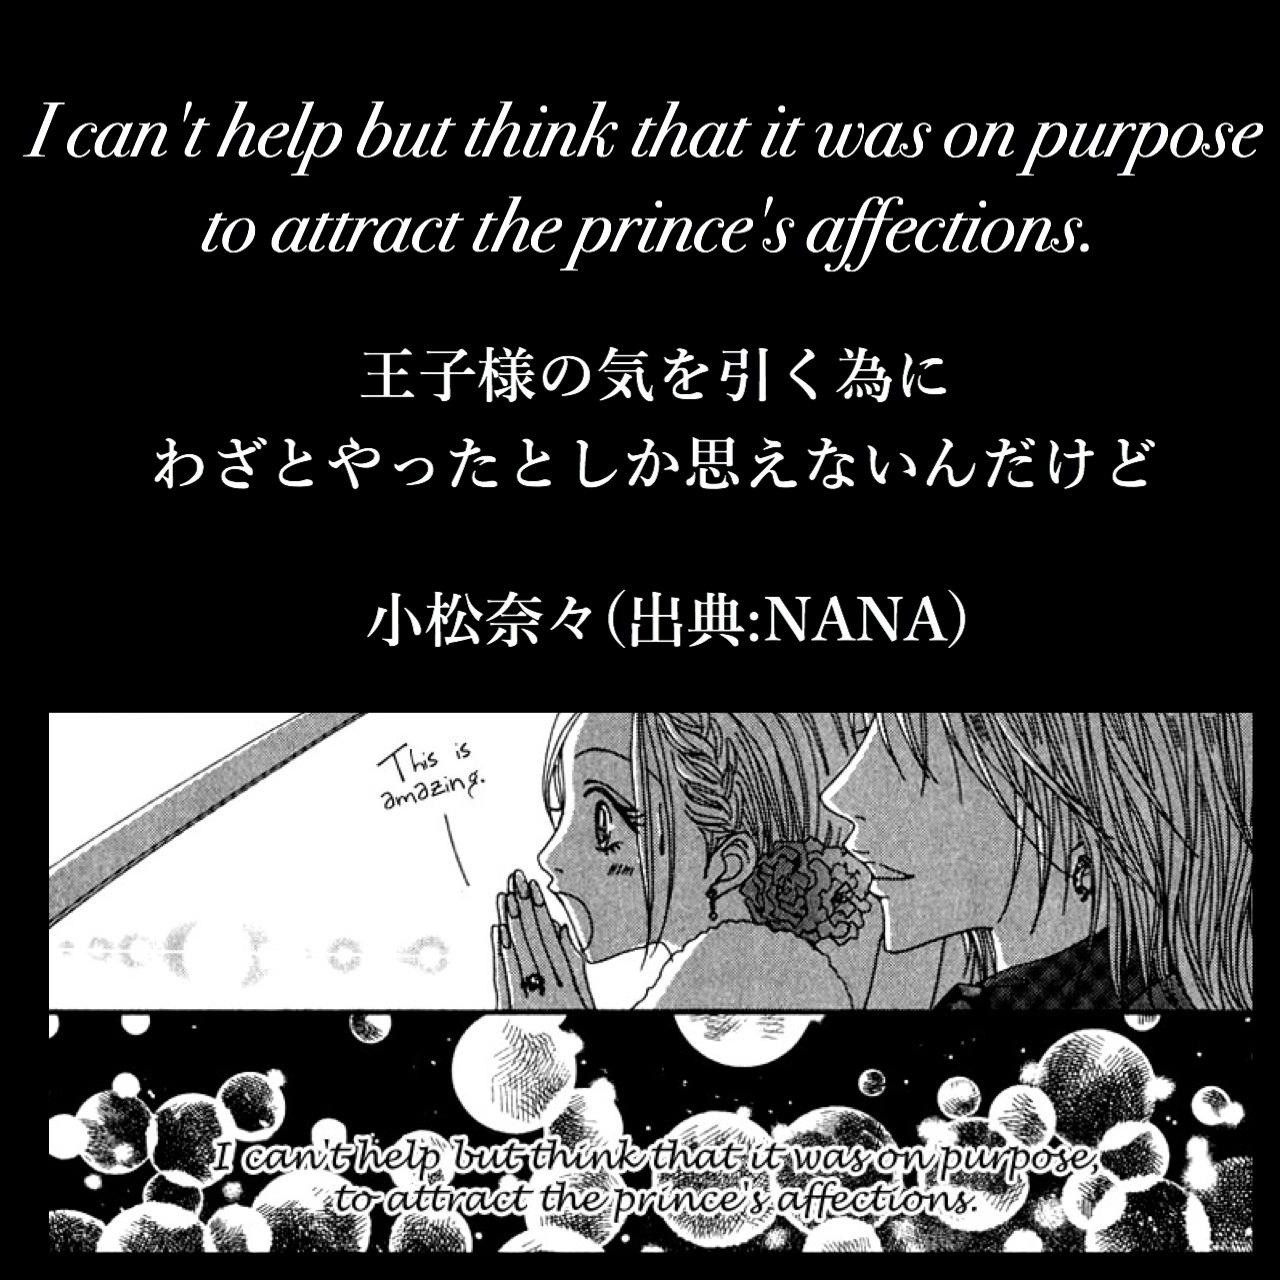 王子様の気を引く為に わざとやったとしか思えないんだけど / 小松奈々(出典:NANA)